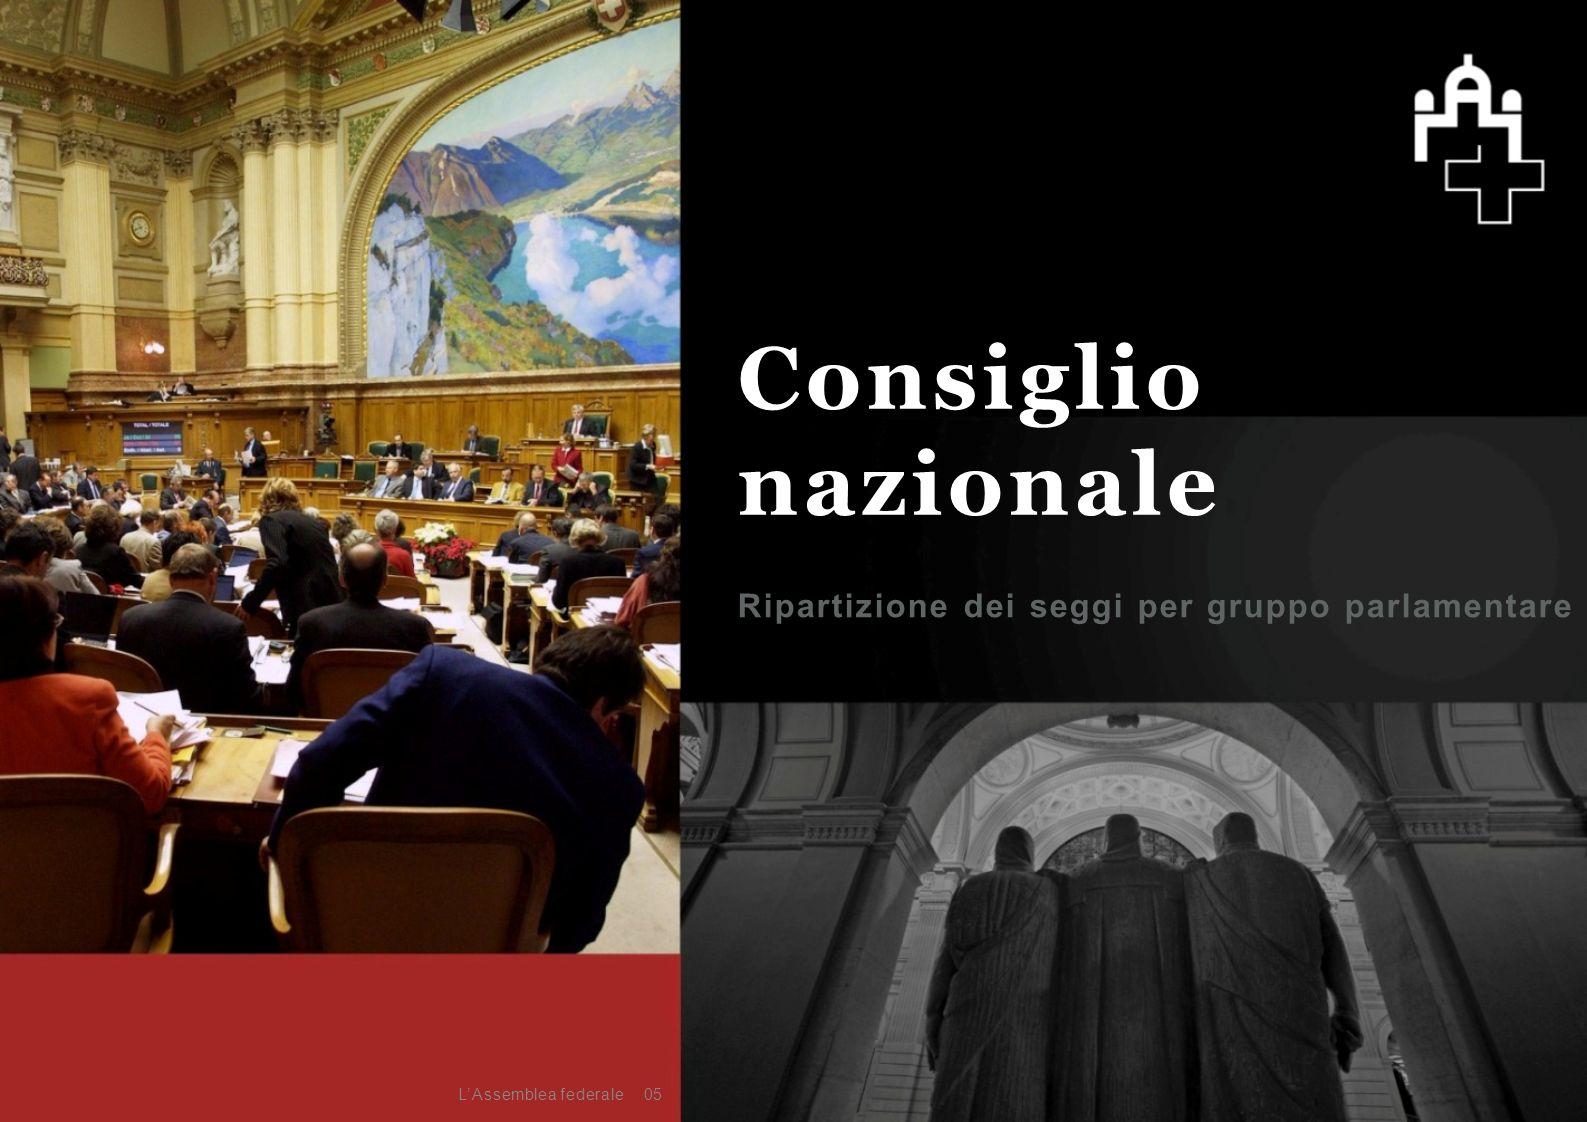 Ripartizione dei seggi per gruppo parlamentare 05 Consiglio nazionale L'Assemblea federale